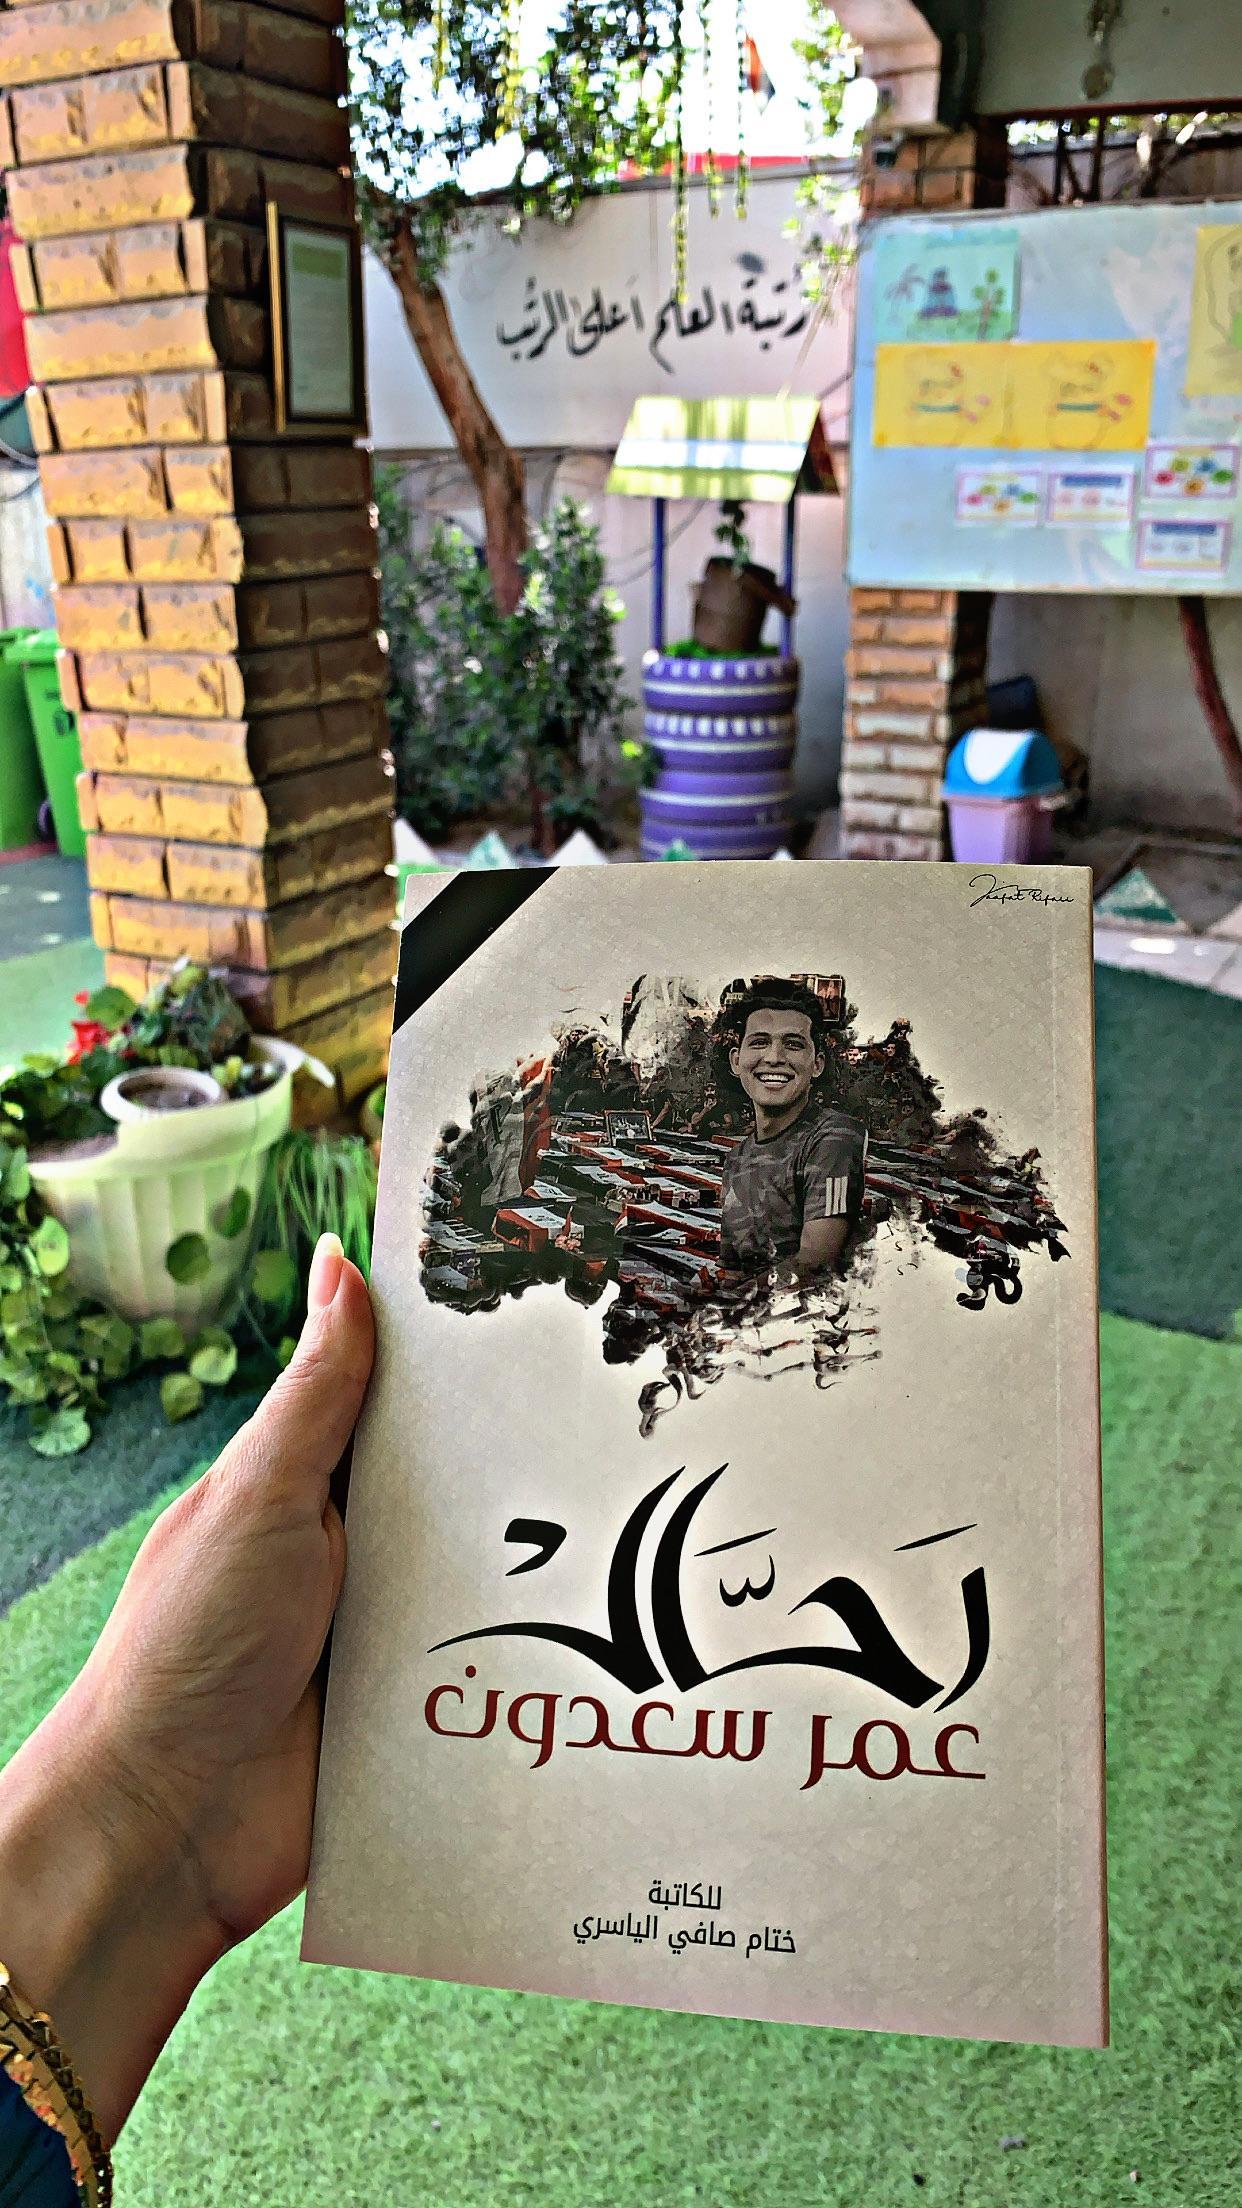 كتابي رحّال عمر سعدون هل سمعتم به ومارأيكم به؟